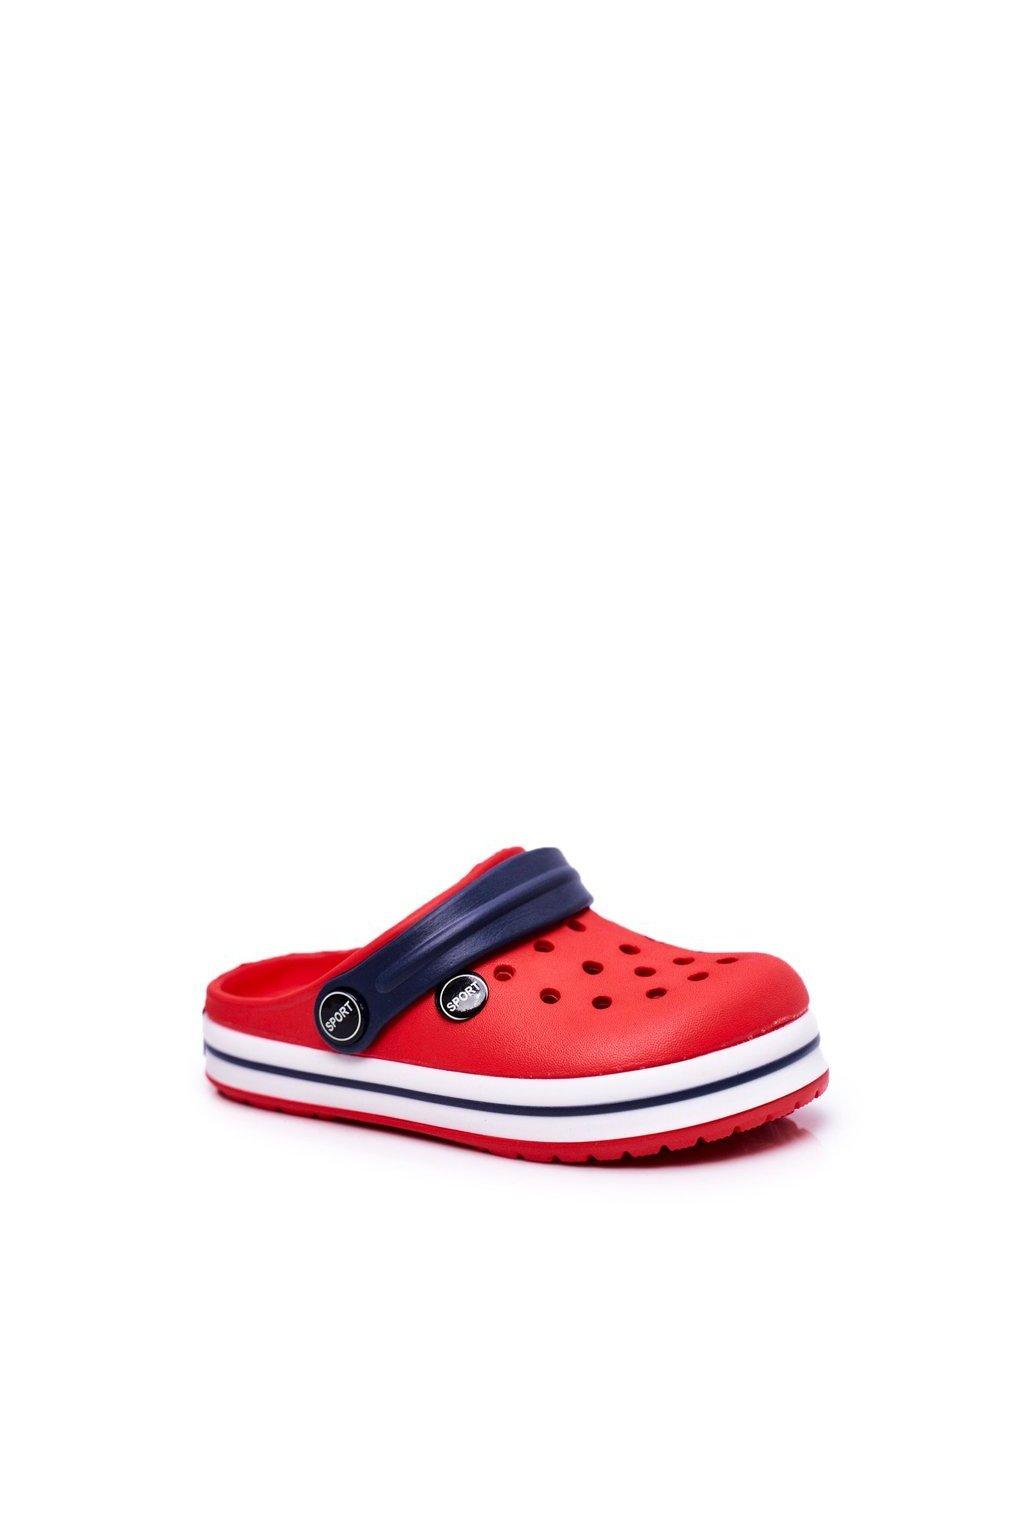 Dievčenské a Chlapčenské šľapky Kroks červené